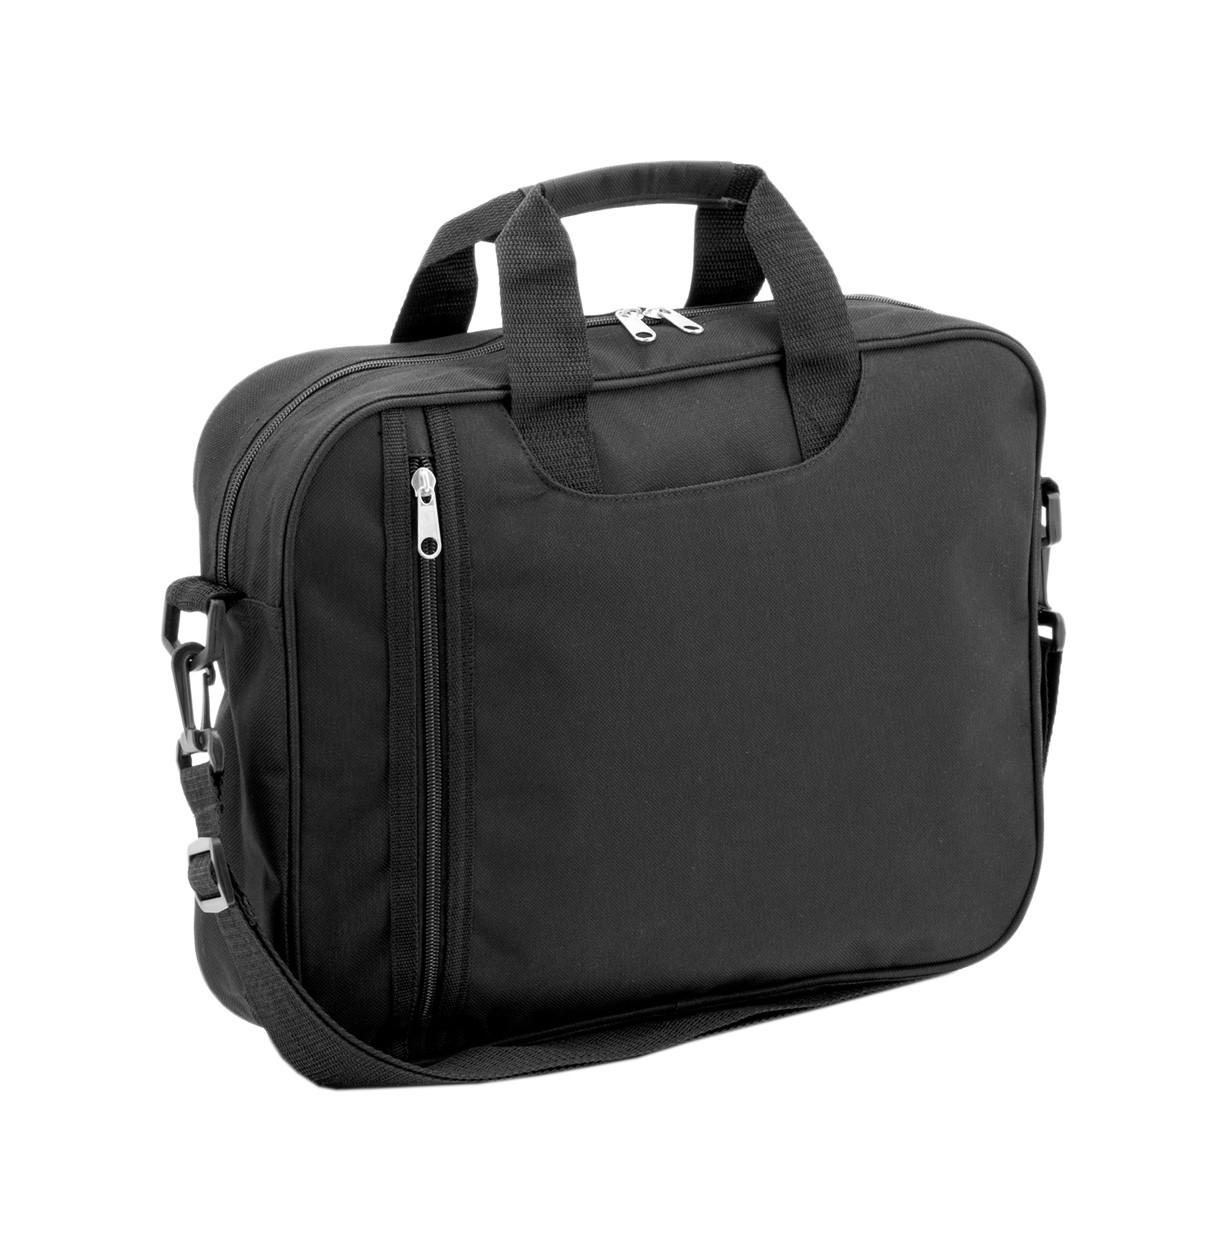 Document Bag Amazon - Black